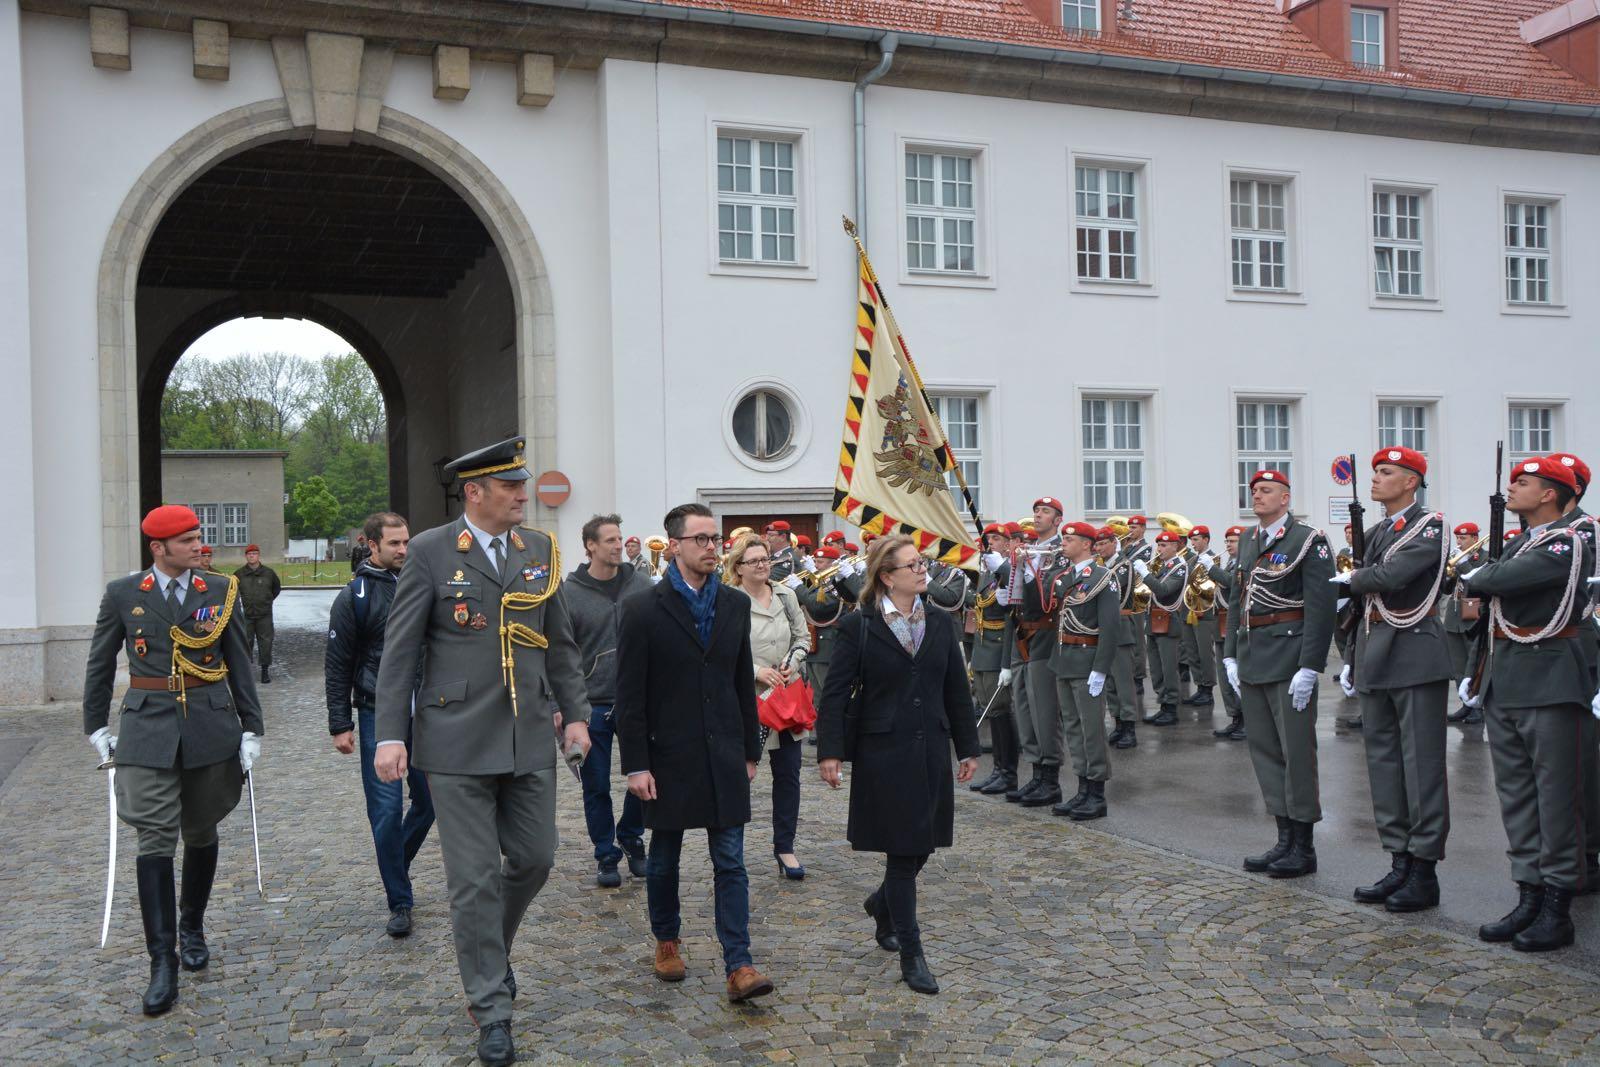 2019_04_30_Besuch_Staatsanwaltschaft - 21 of 25